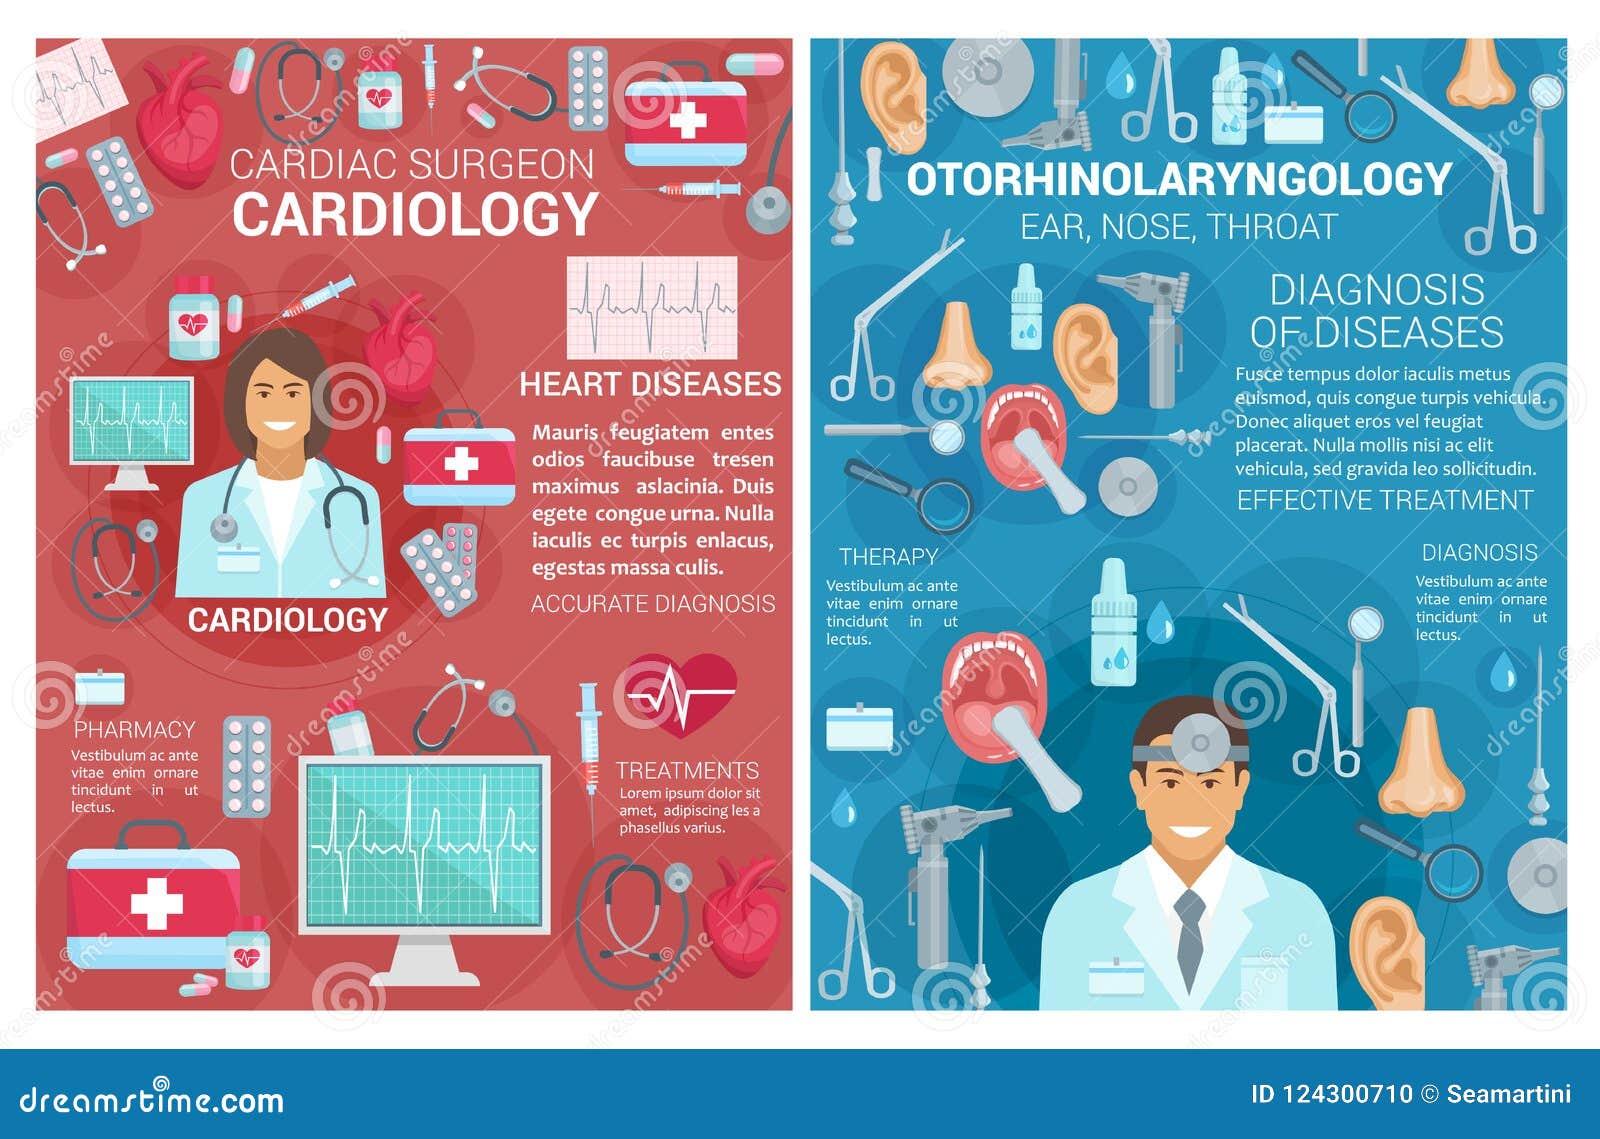 Kardiologie, Hals-, Nasen-, Ohrenheilkunde Medizin-Klinikposter